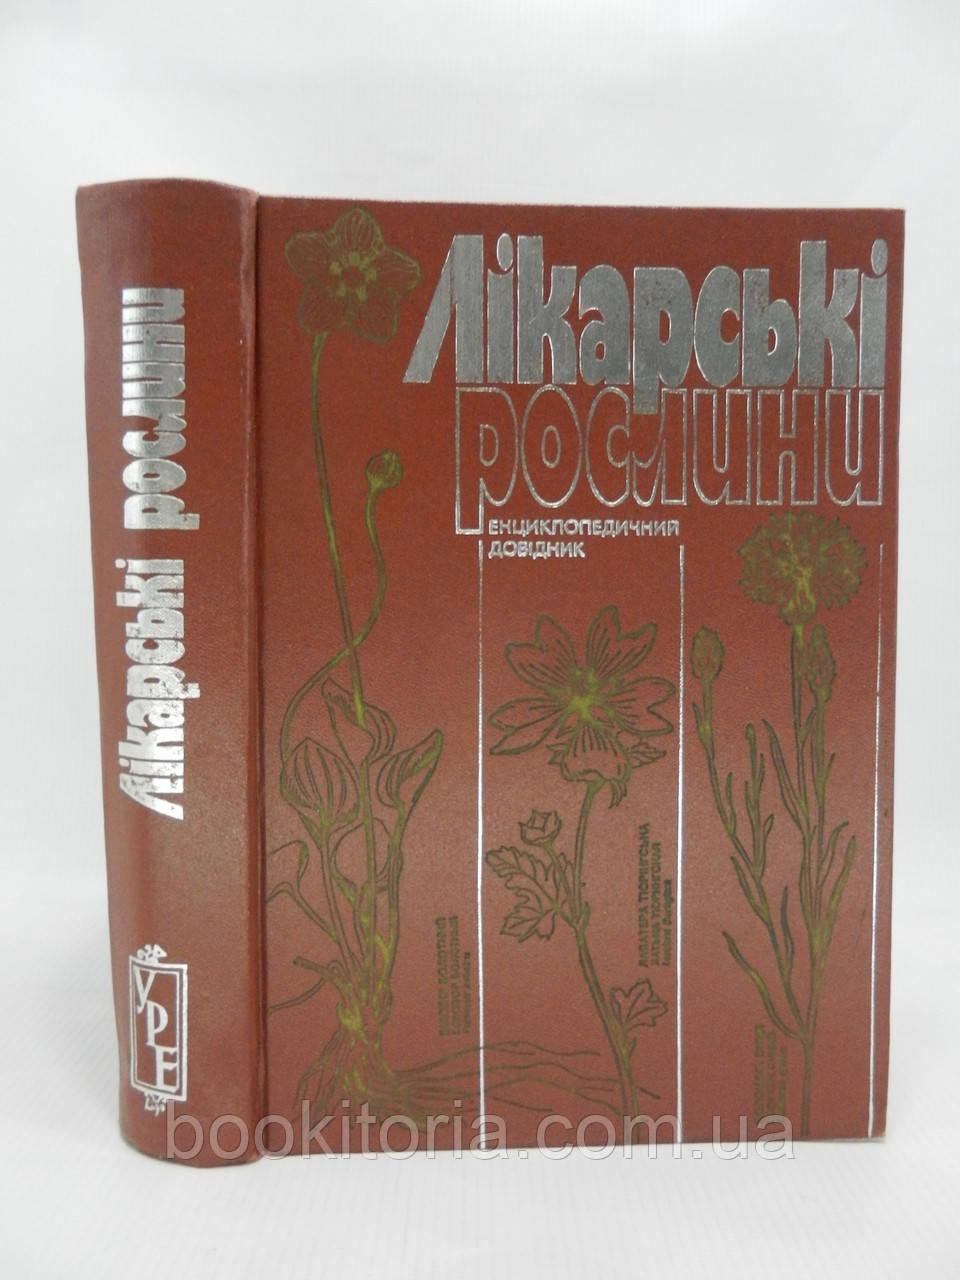 Лікарські рослини. Енциклопедичний словник (б/у)., фото 1